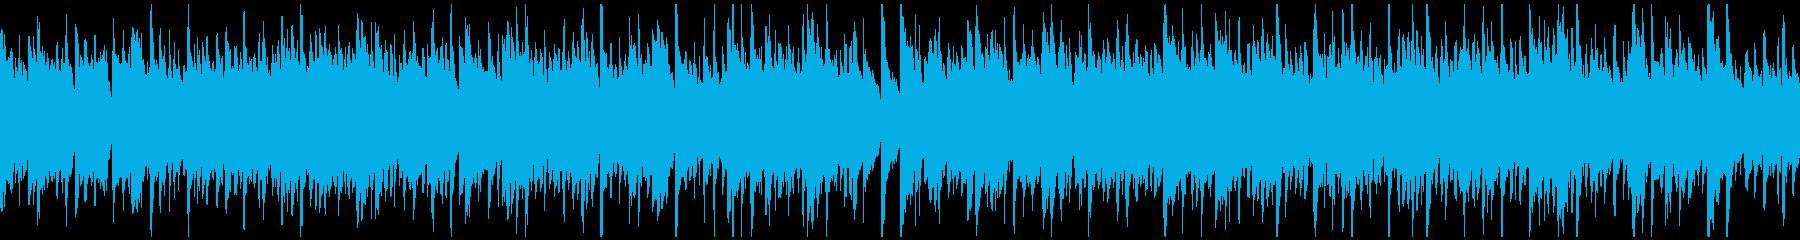 爽やかな風を感じるウクレレ曲 ※ループ版の再生済みの波形